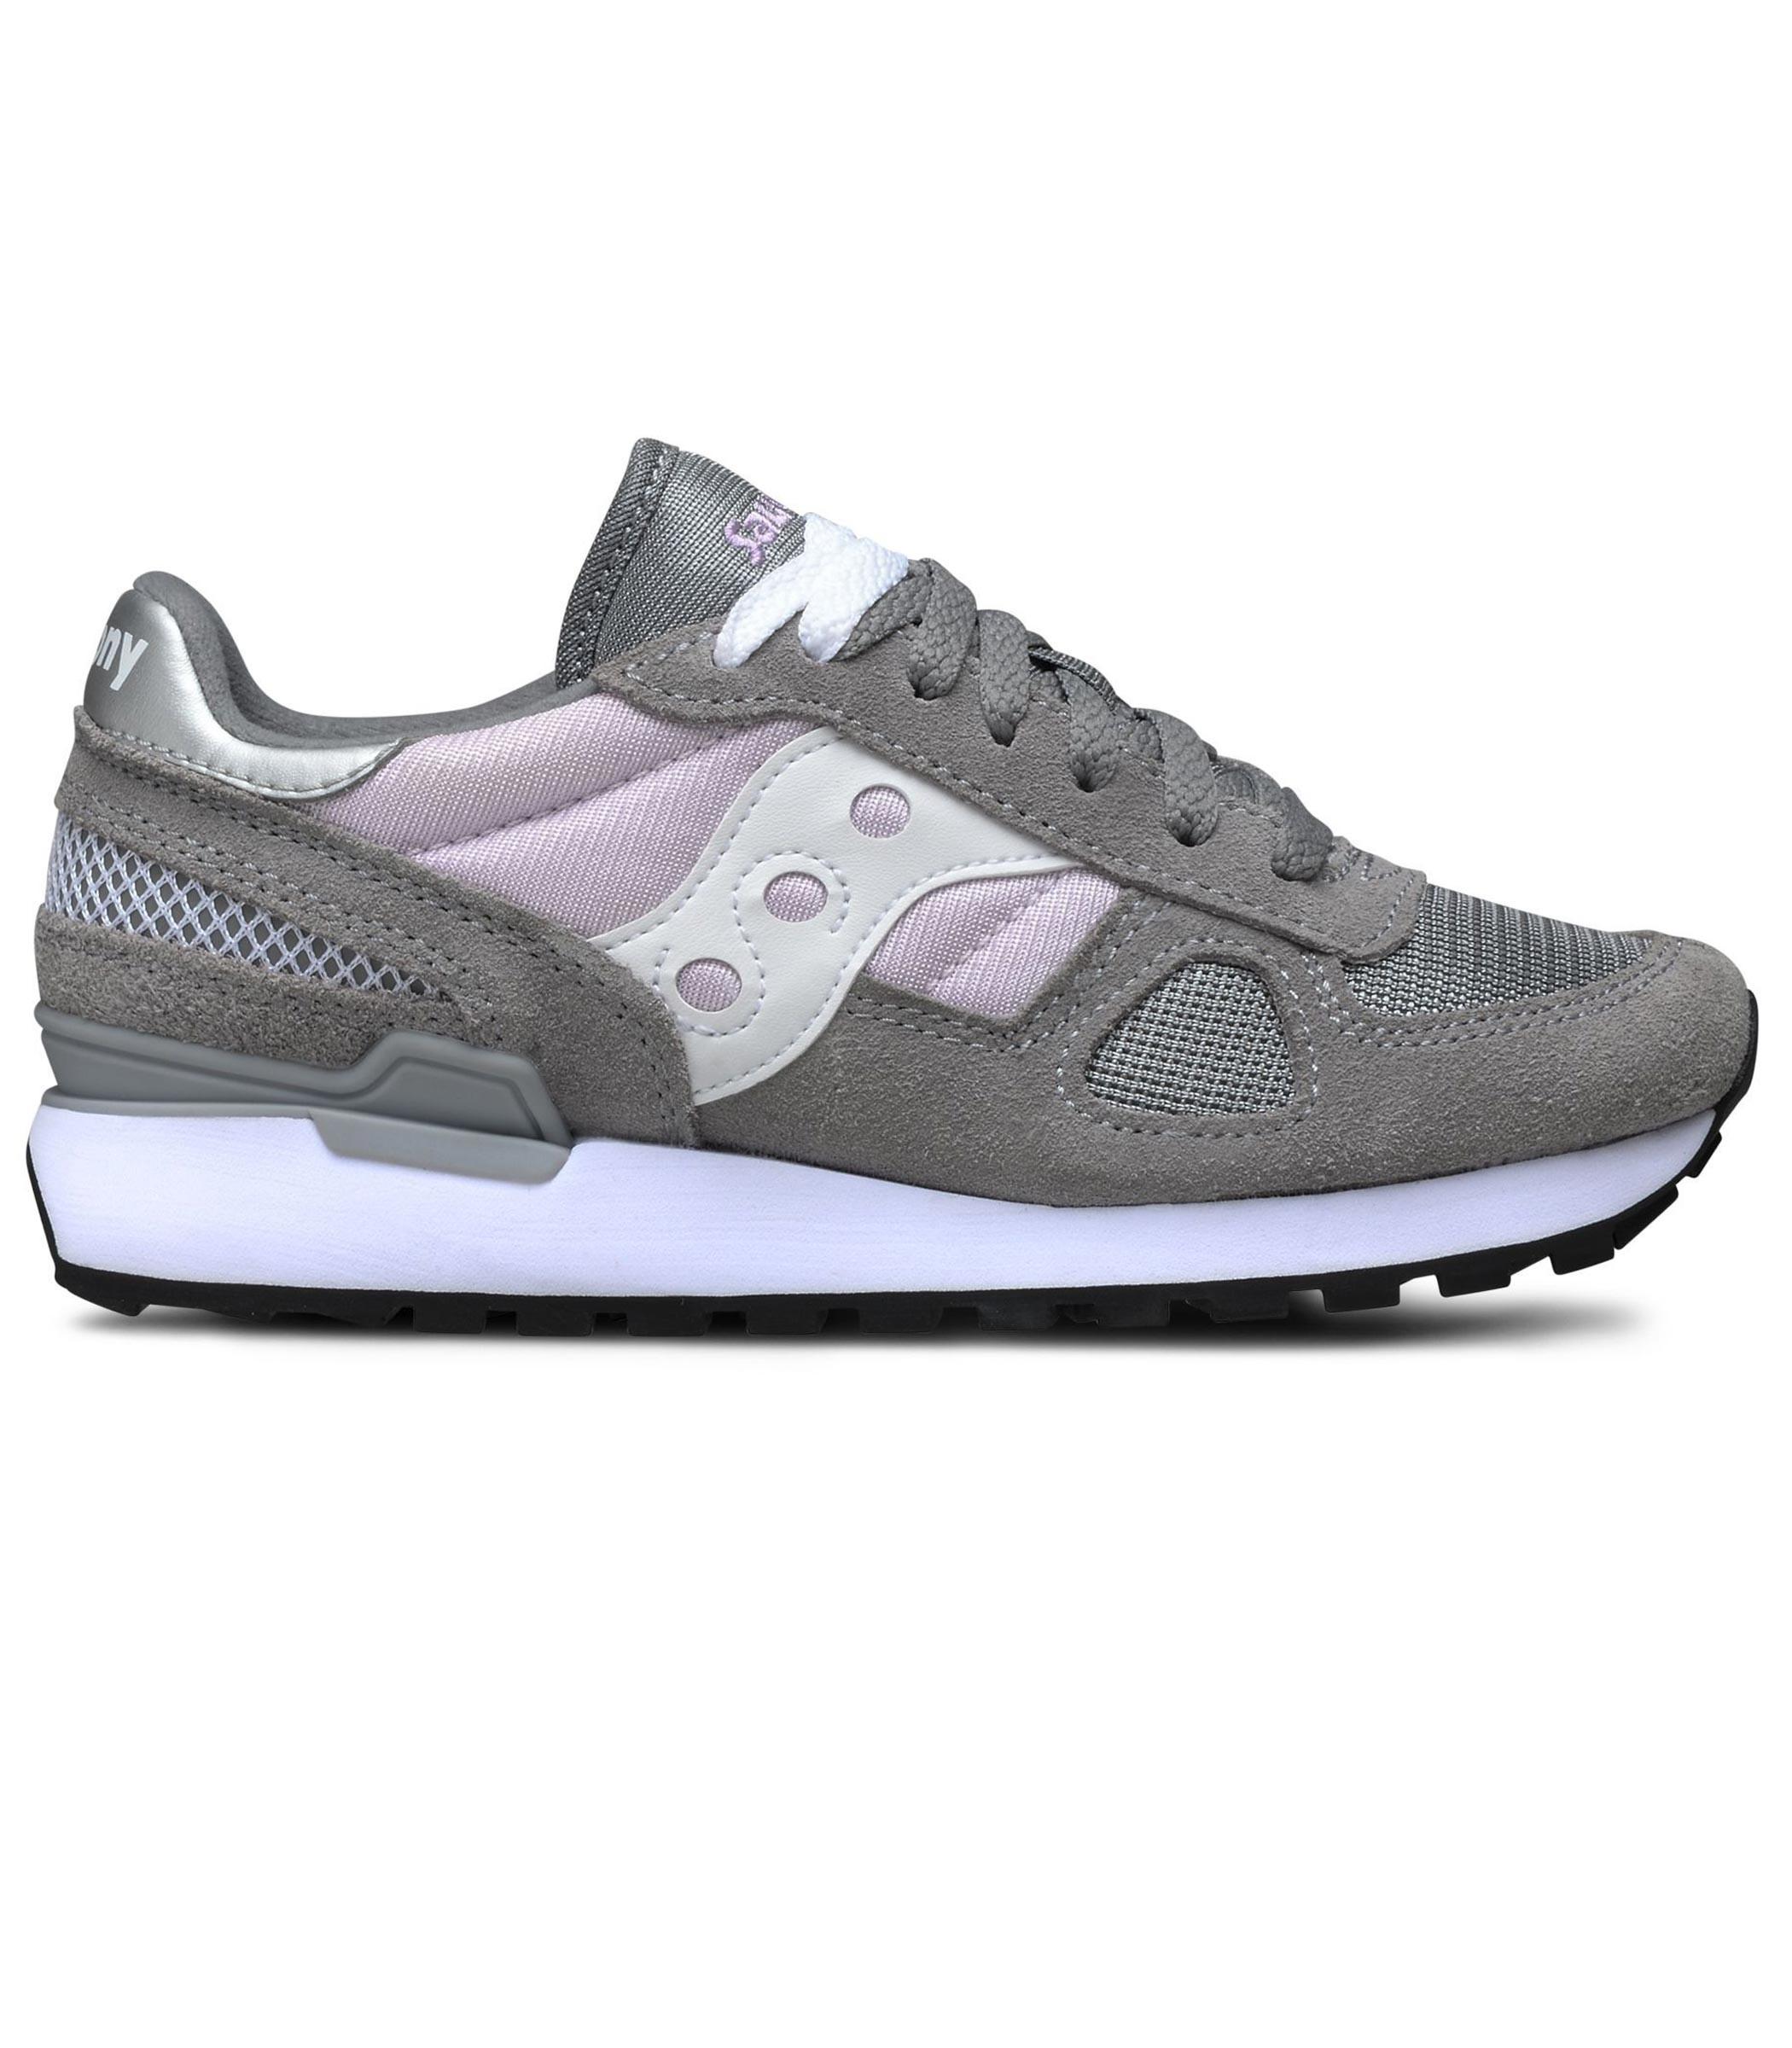 brand new ccd4a eaf14 Scarpe Sneakers Saucony Shadow Original da donna rif. S1108-705